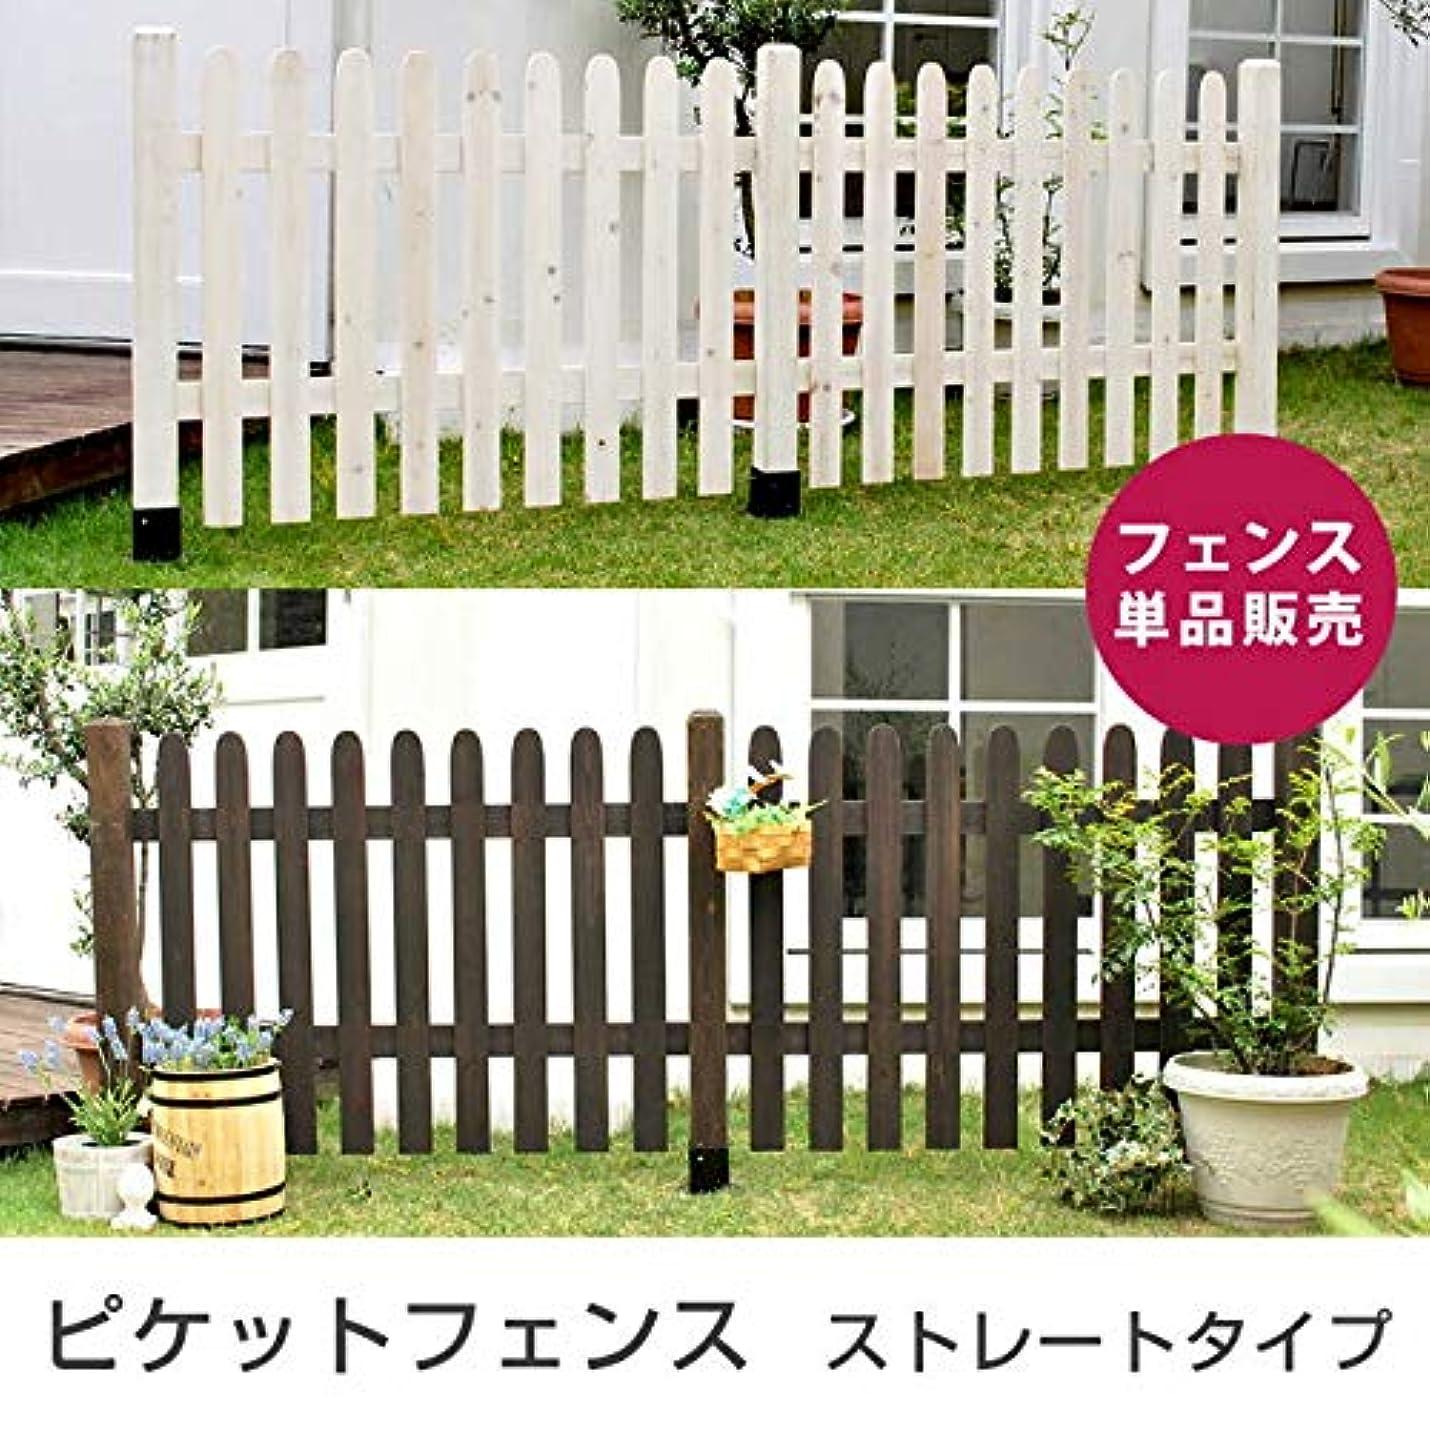 抵抗する憂慮すべき機械的インテリアオフィスワン ガーデンアーチ ピケットフェンス ストレート フェンス 単品販売/(ホワイト)